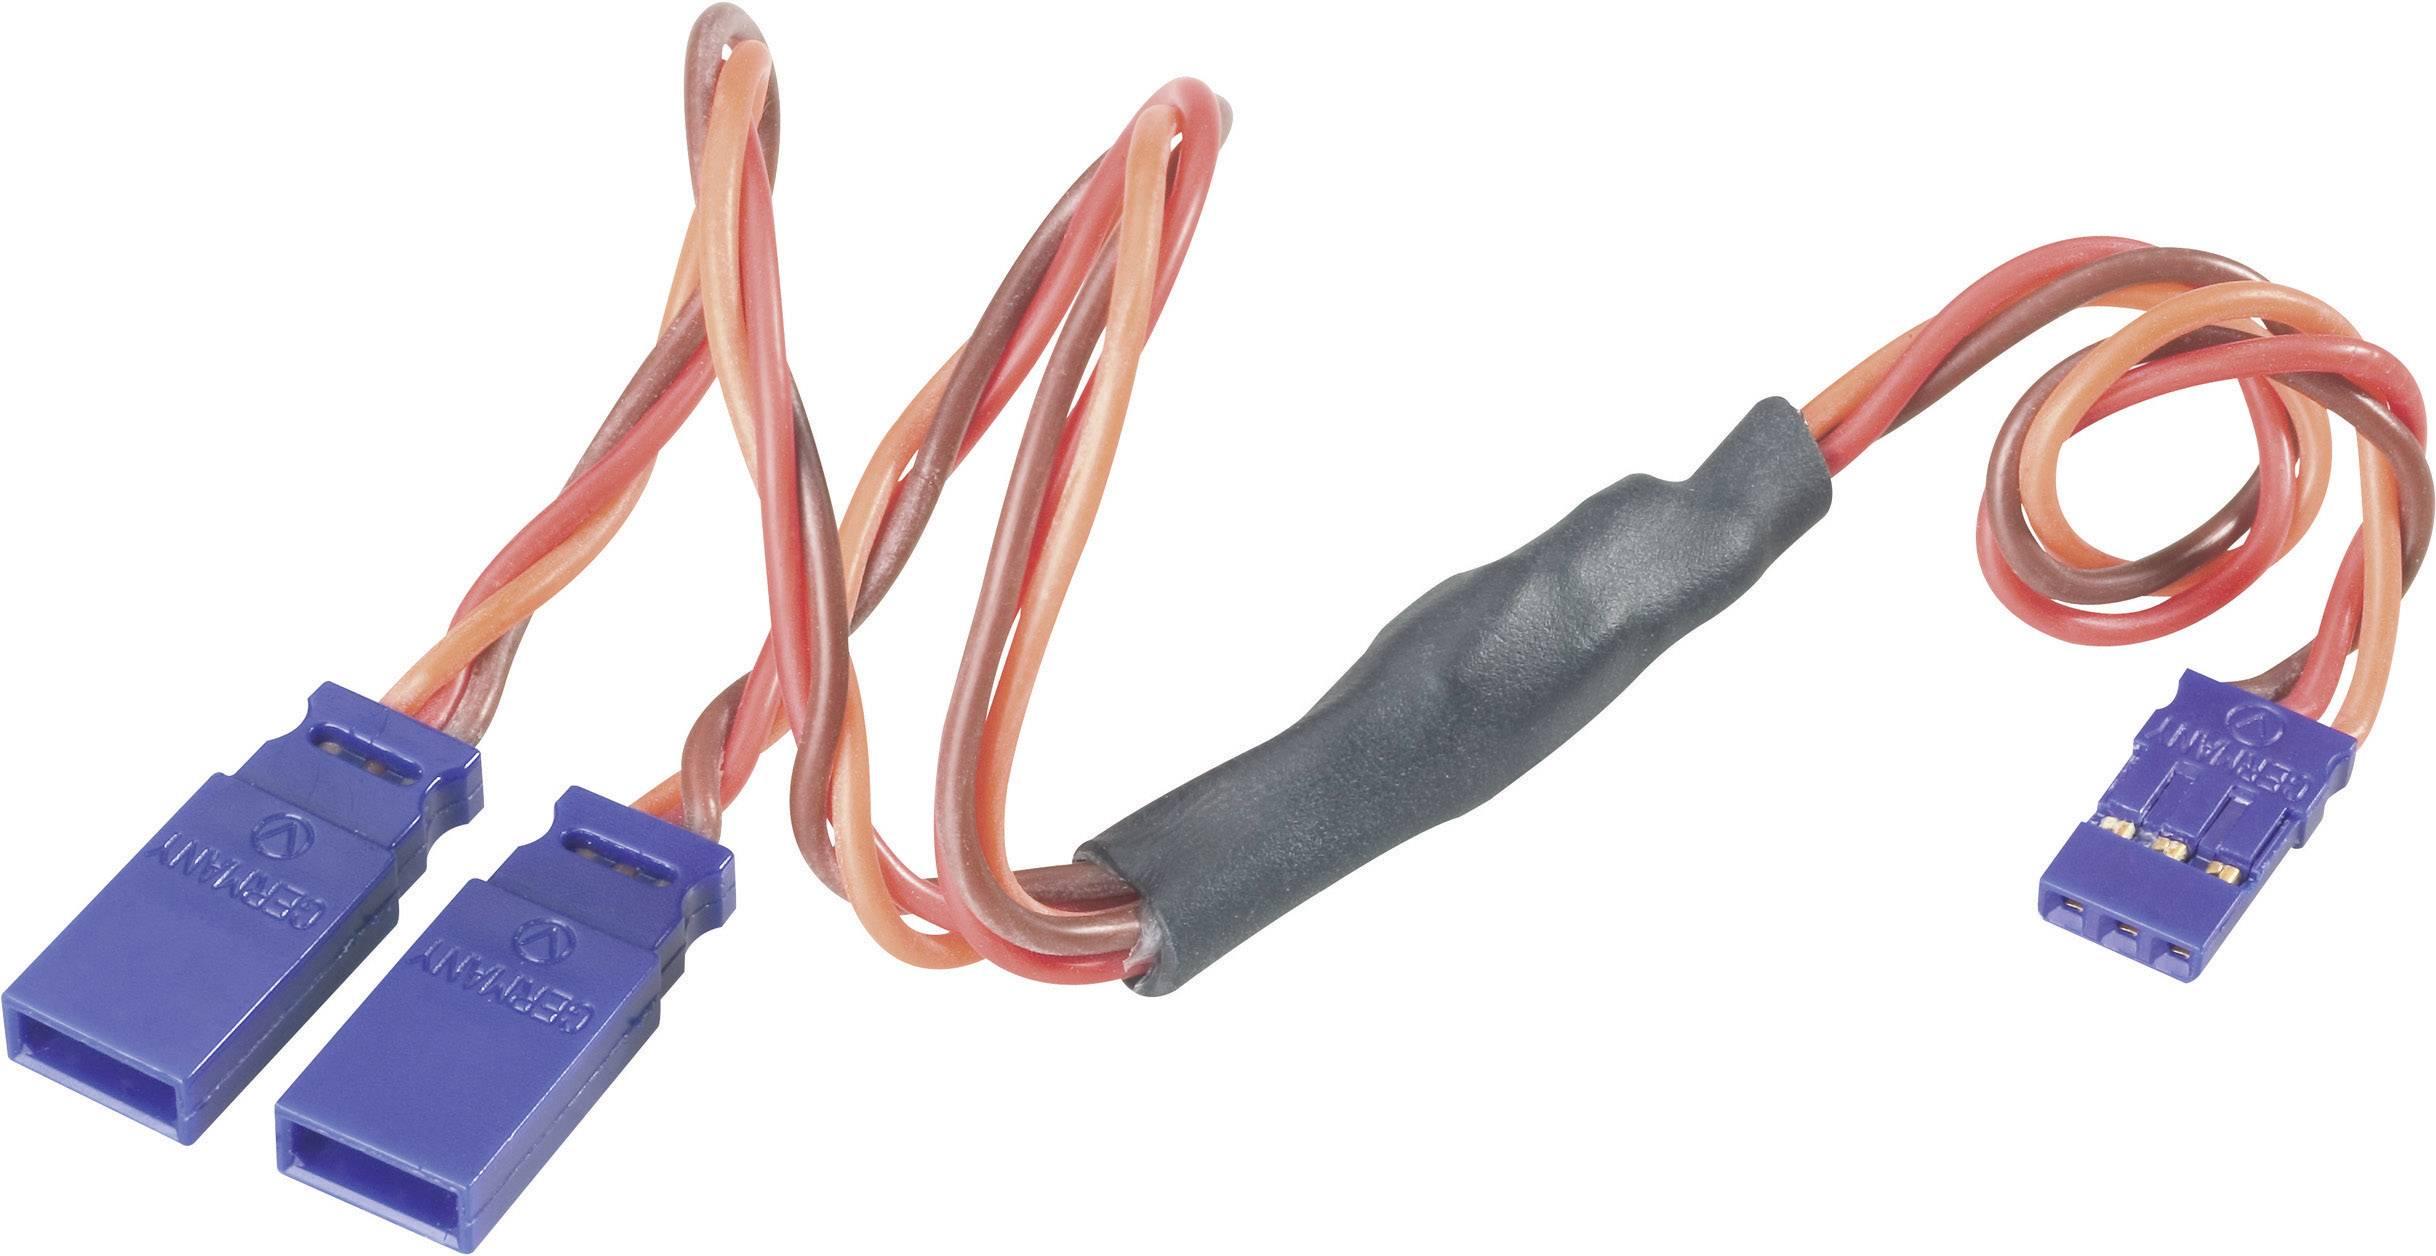 Y kabel Modelcraft, konektor JR, 30 cm, 0,35 mm²